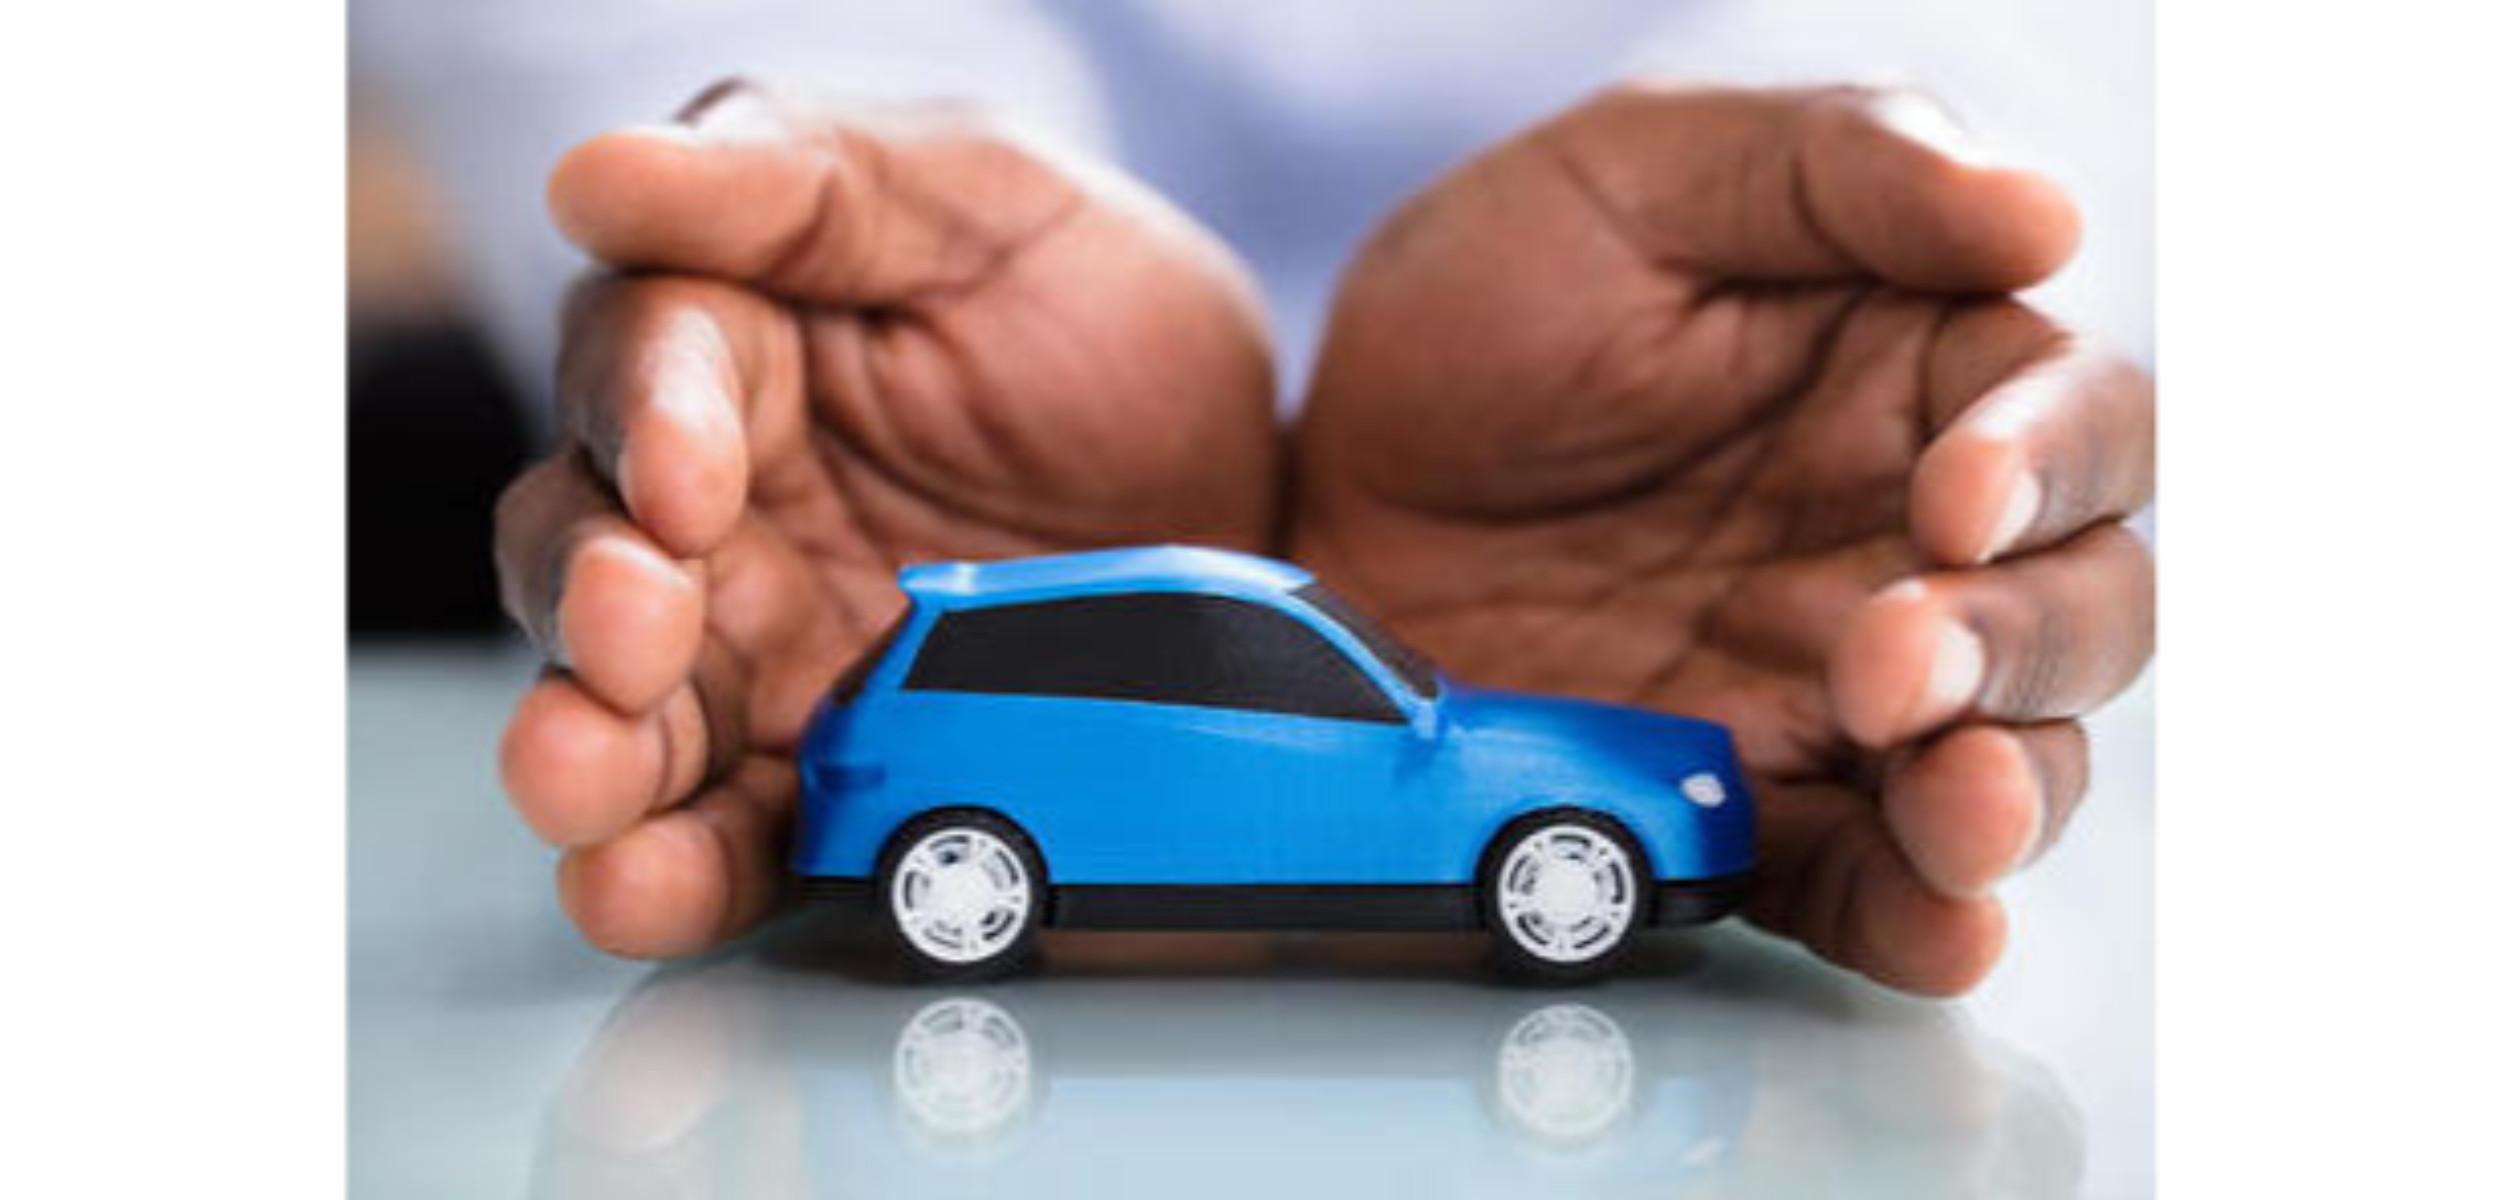 Choisir assurance securite : comment choisir son contrat ?